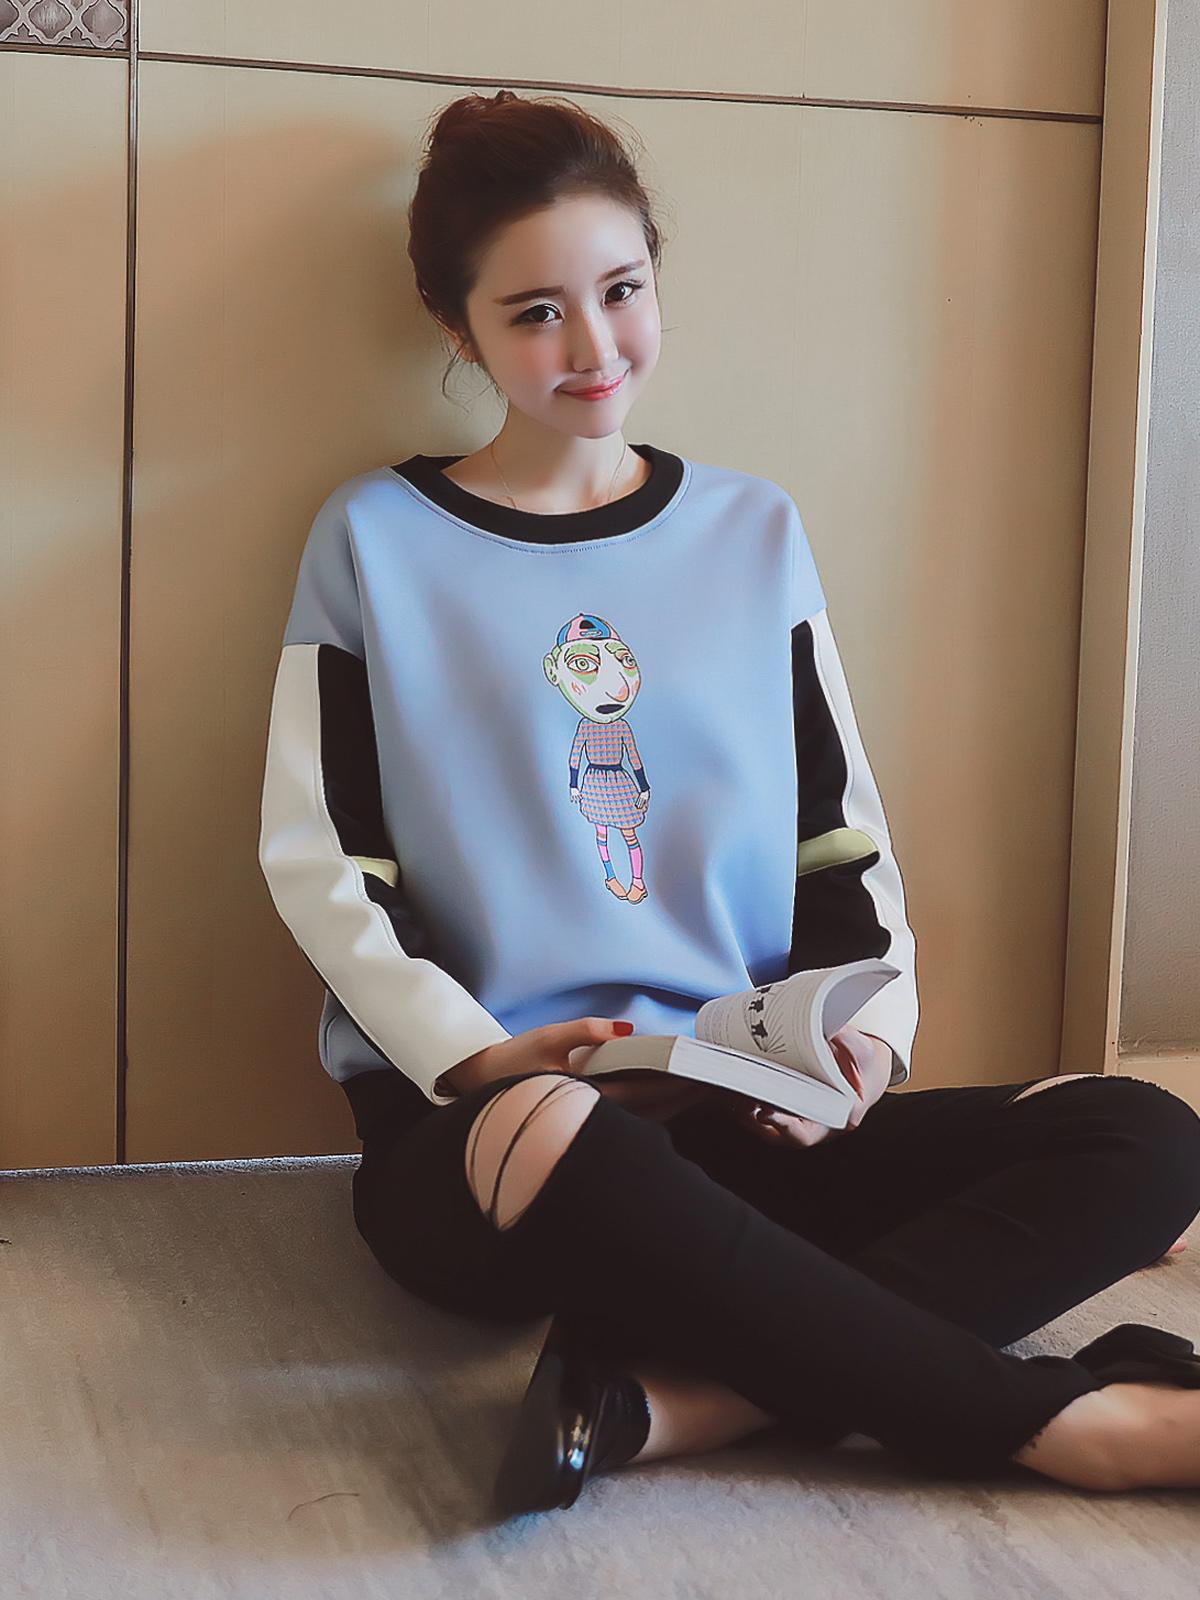 沐乃衣快时尚潮流女装